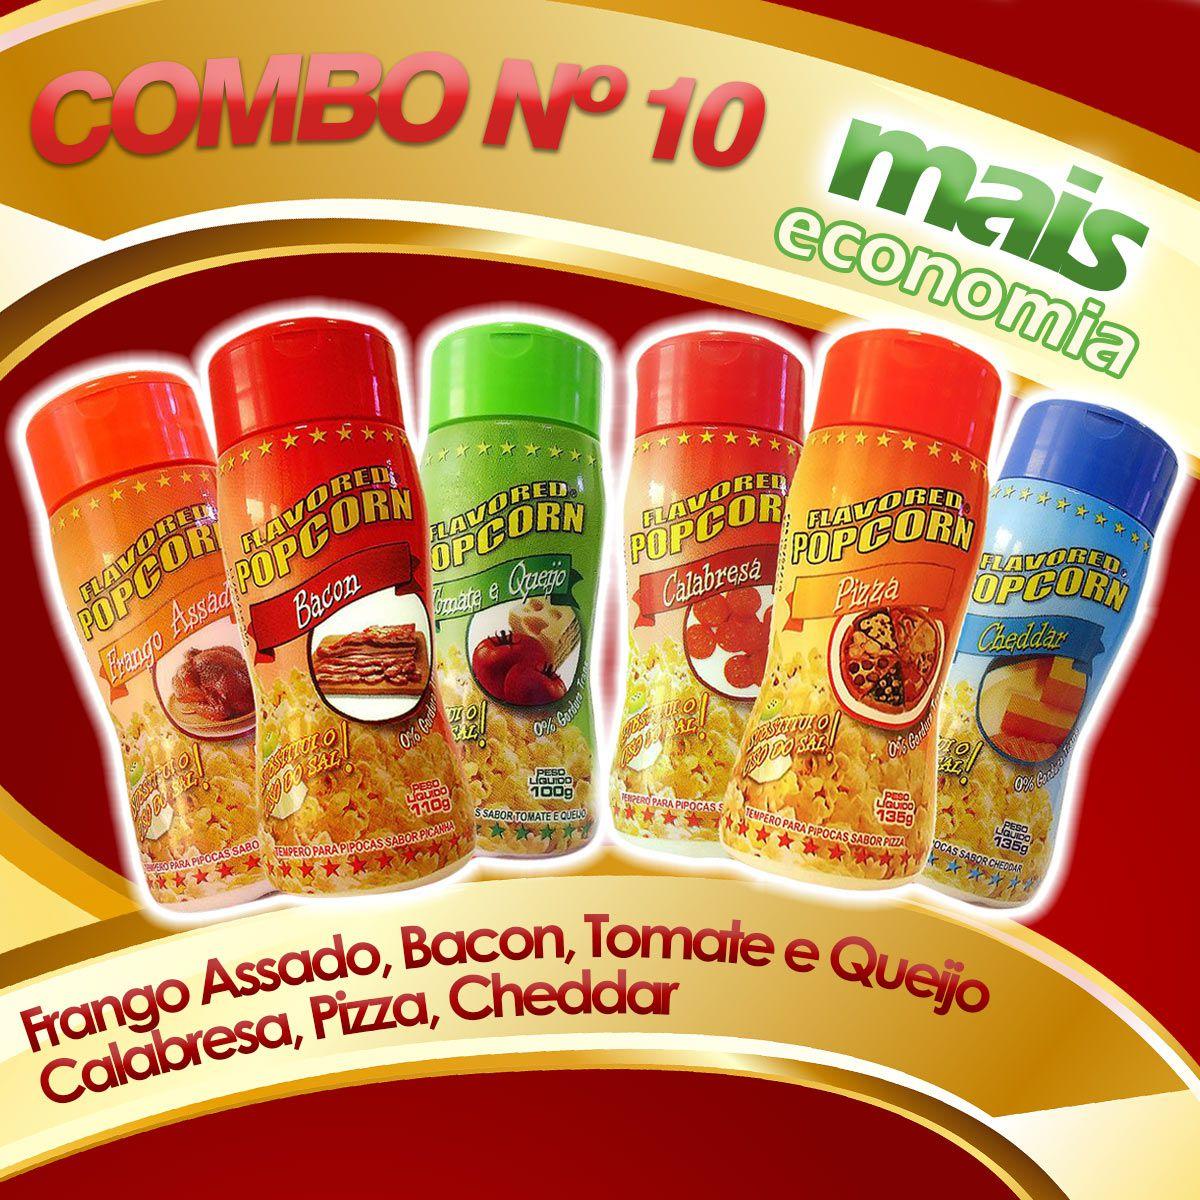 Combo nº 10 - Leve 06 Temperos - Pague Menos - Pizza, Cheddar, Calabresa, Bacon, Tomate e Queijo, Frango Assado